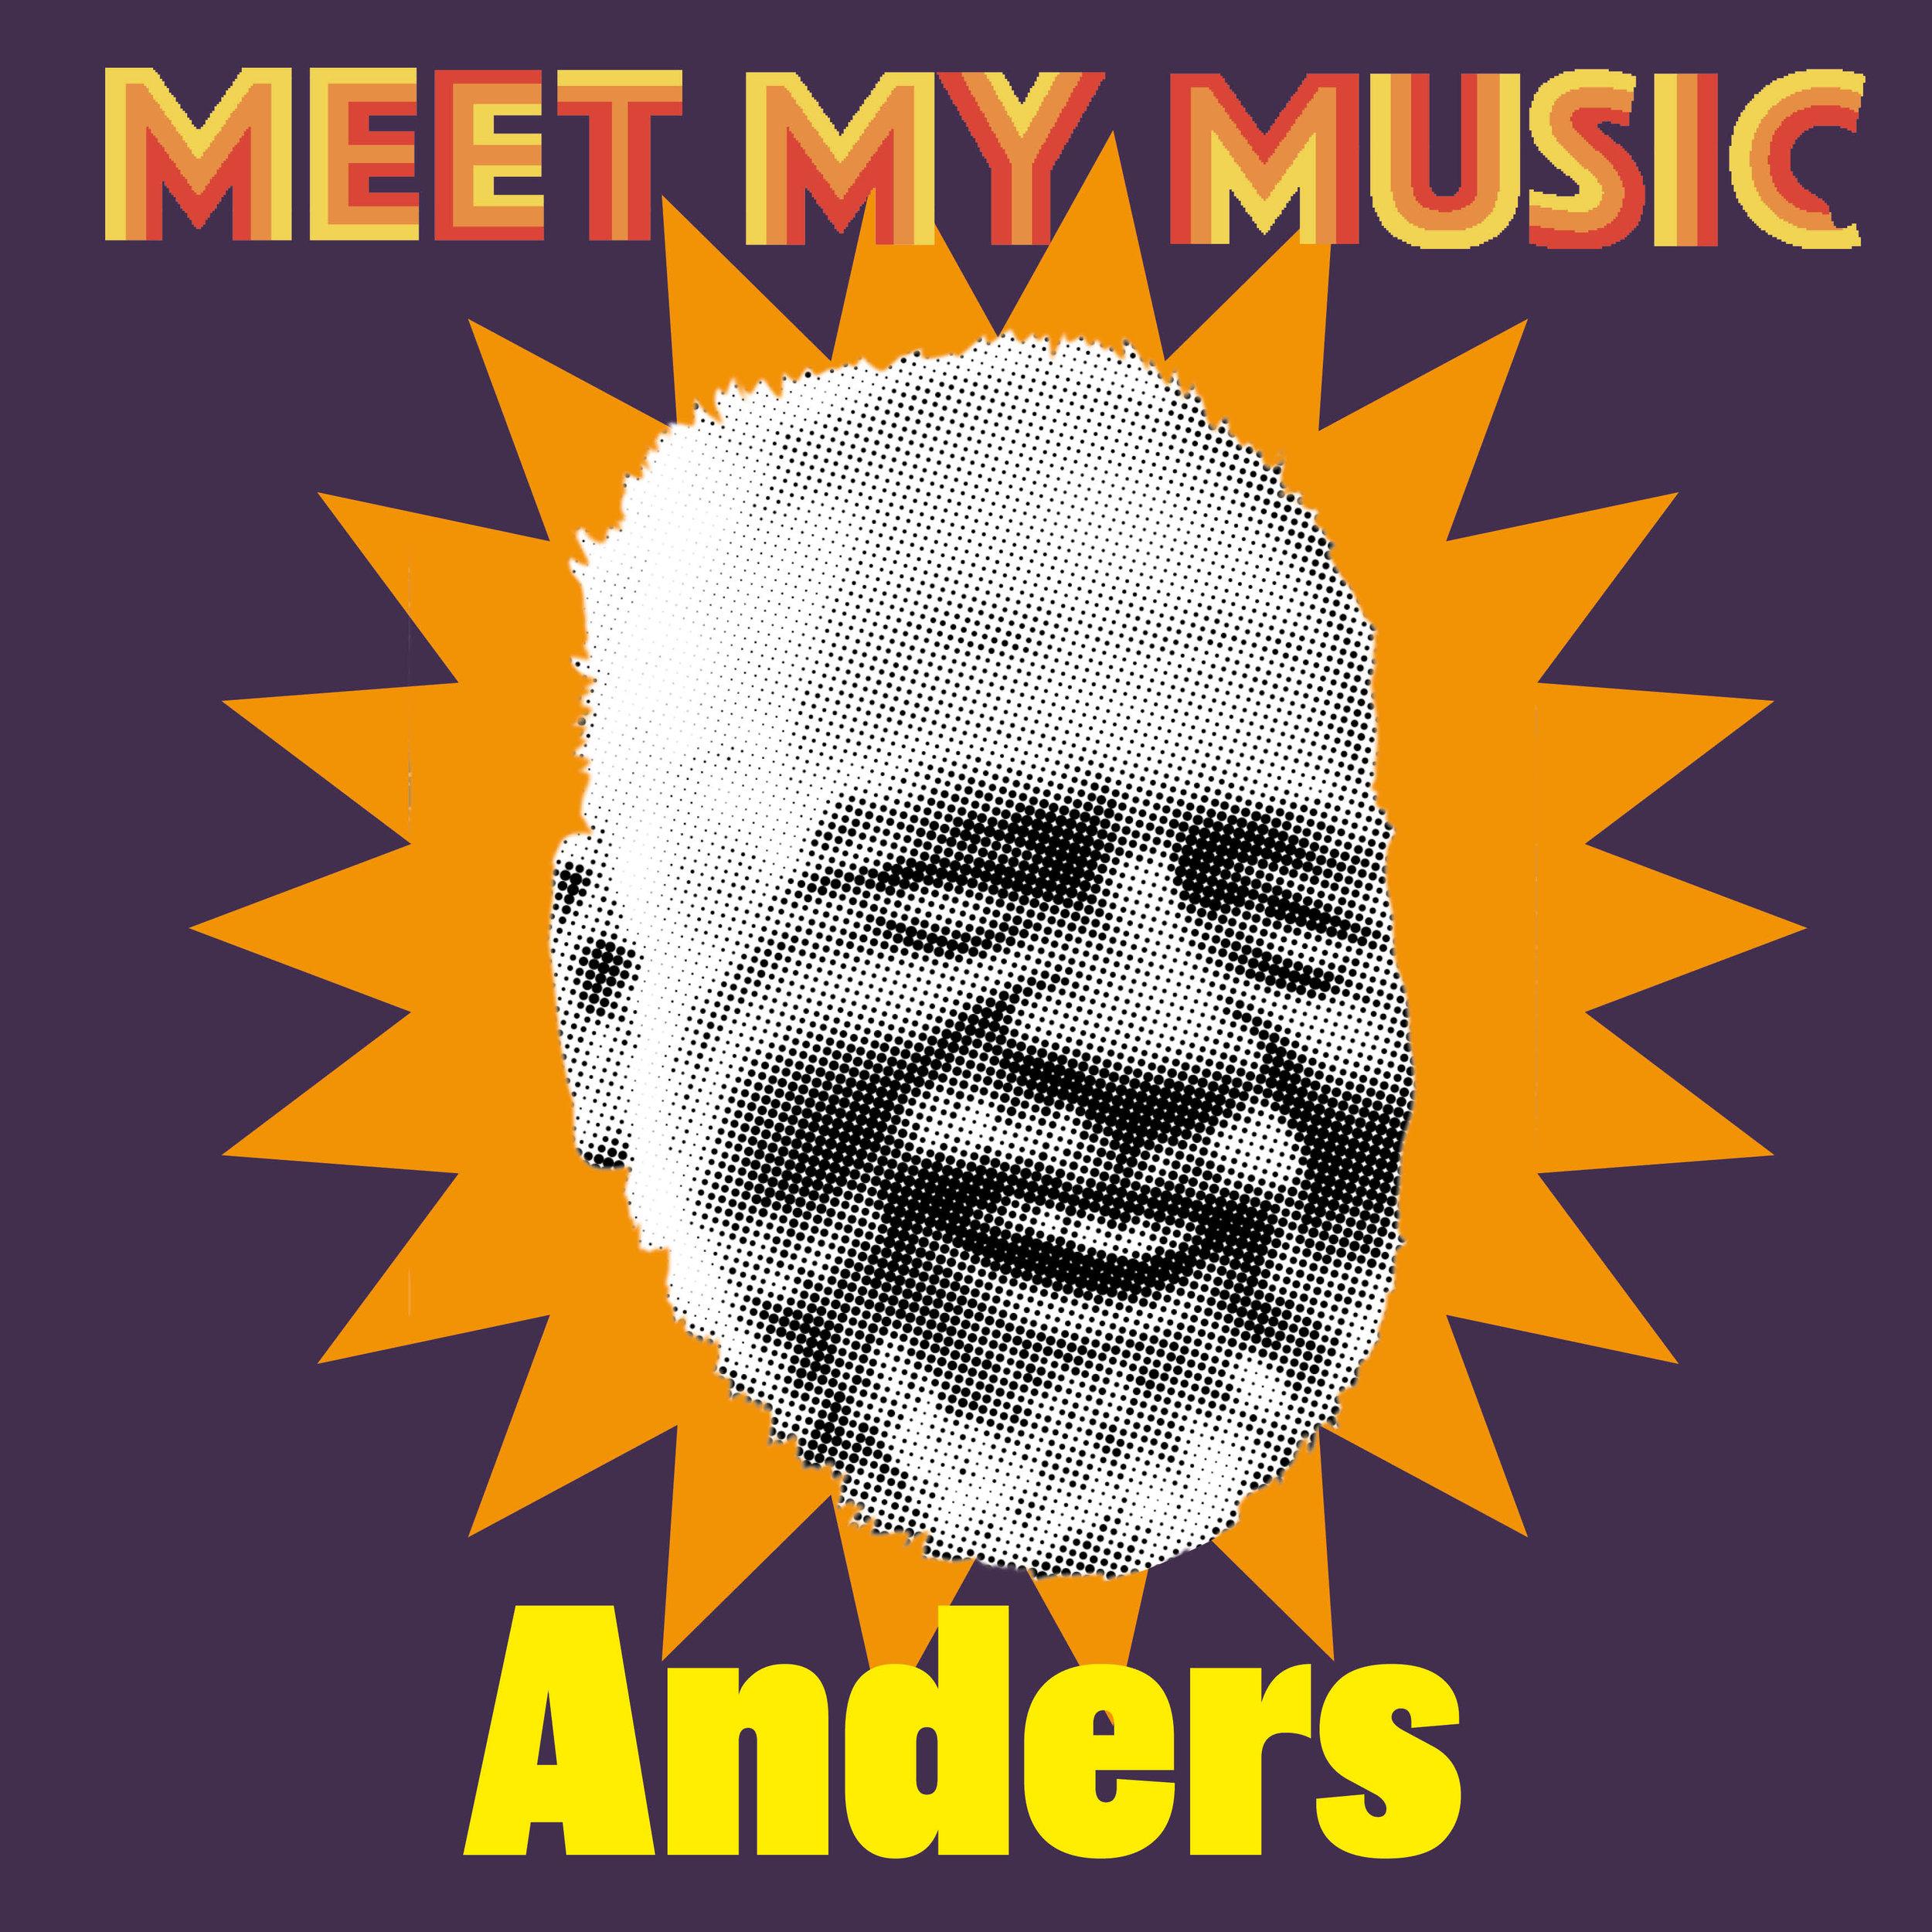 Meet my music Anders.jpg